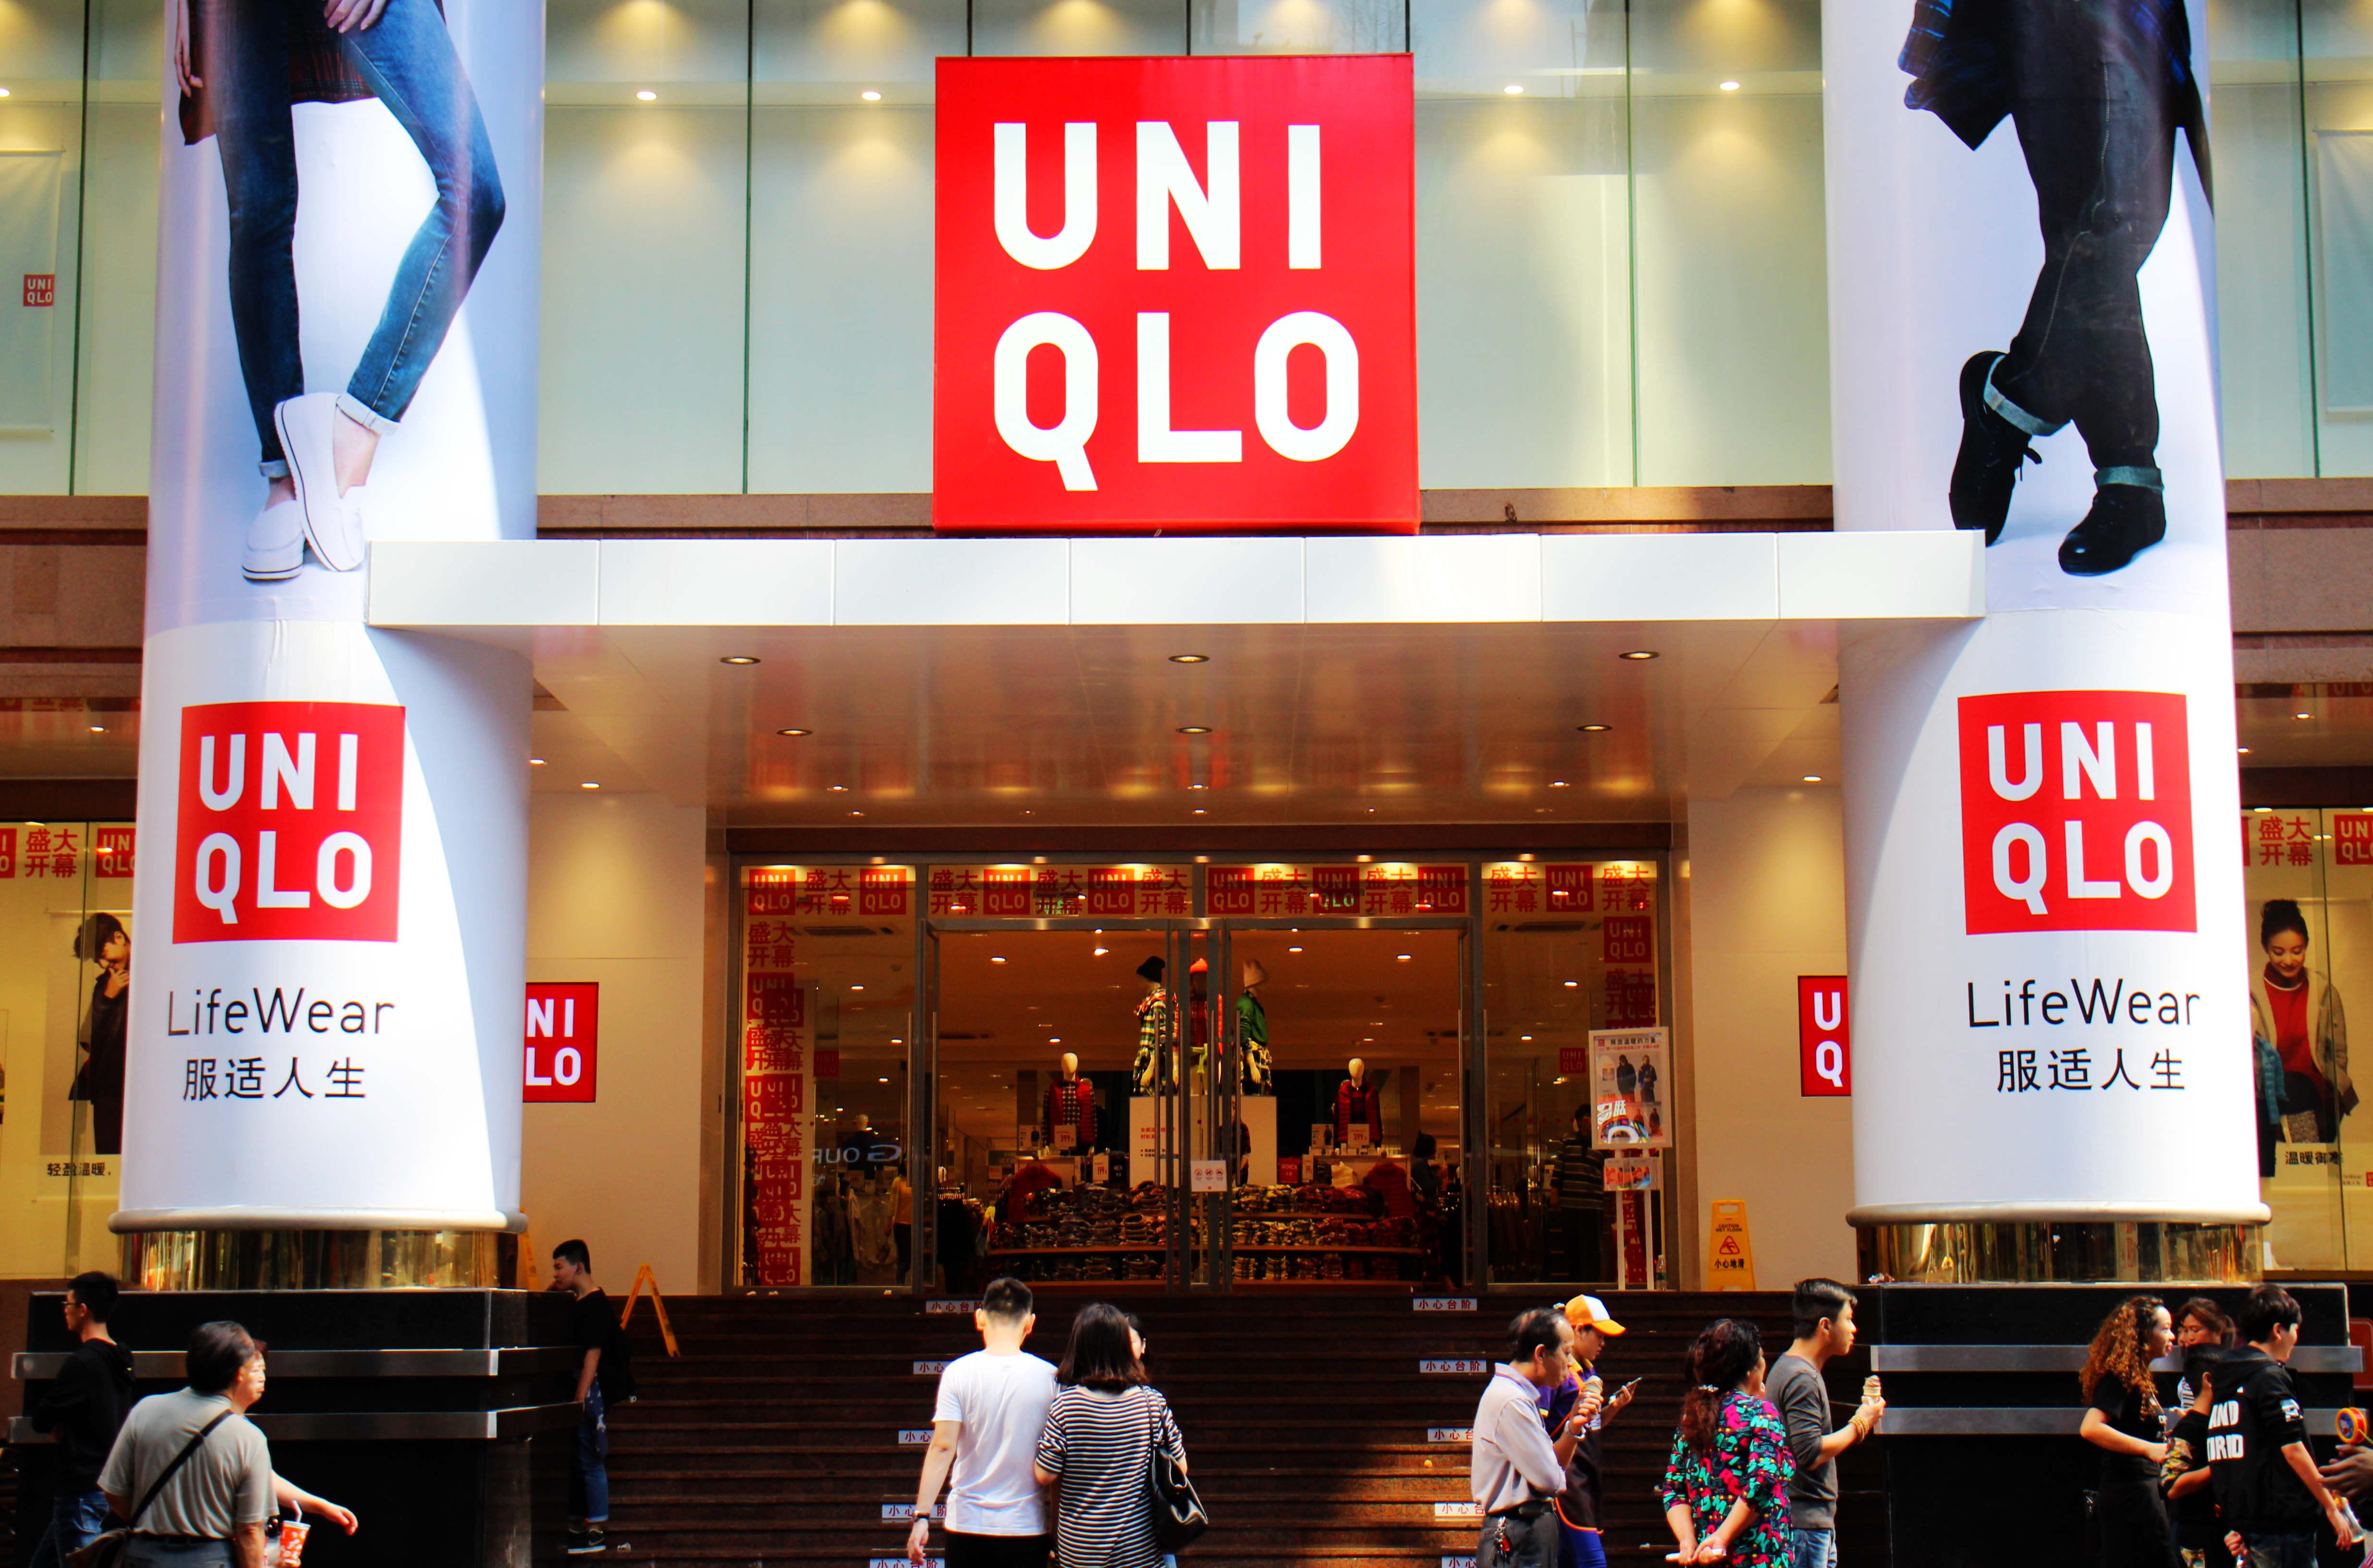 Már nem a Zara a legértékesebb divatcég, hanem az Uniqlo